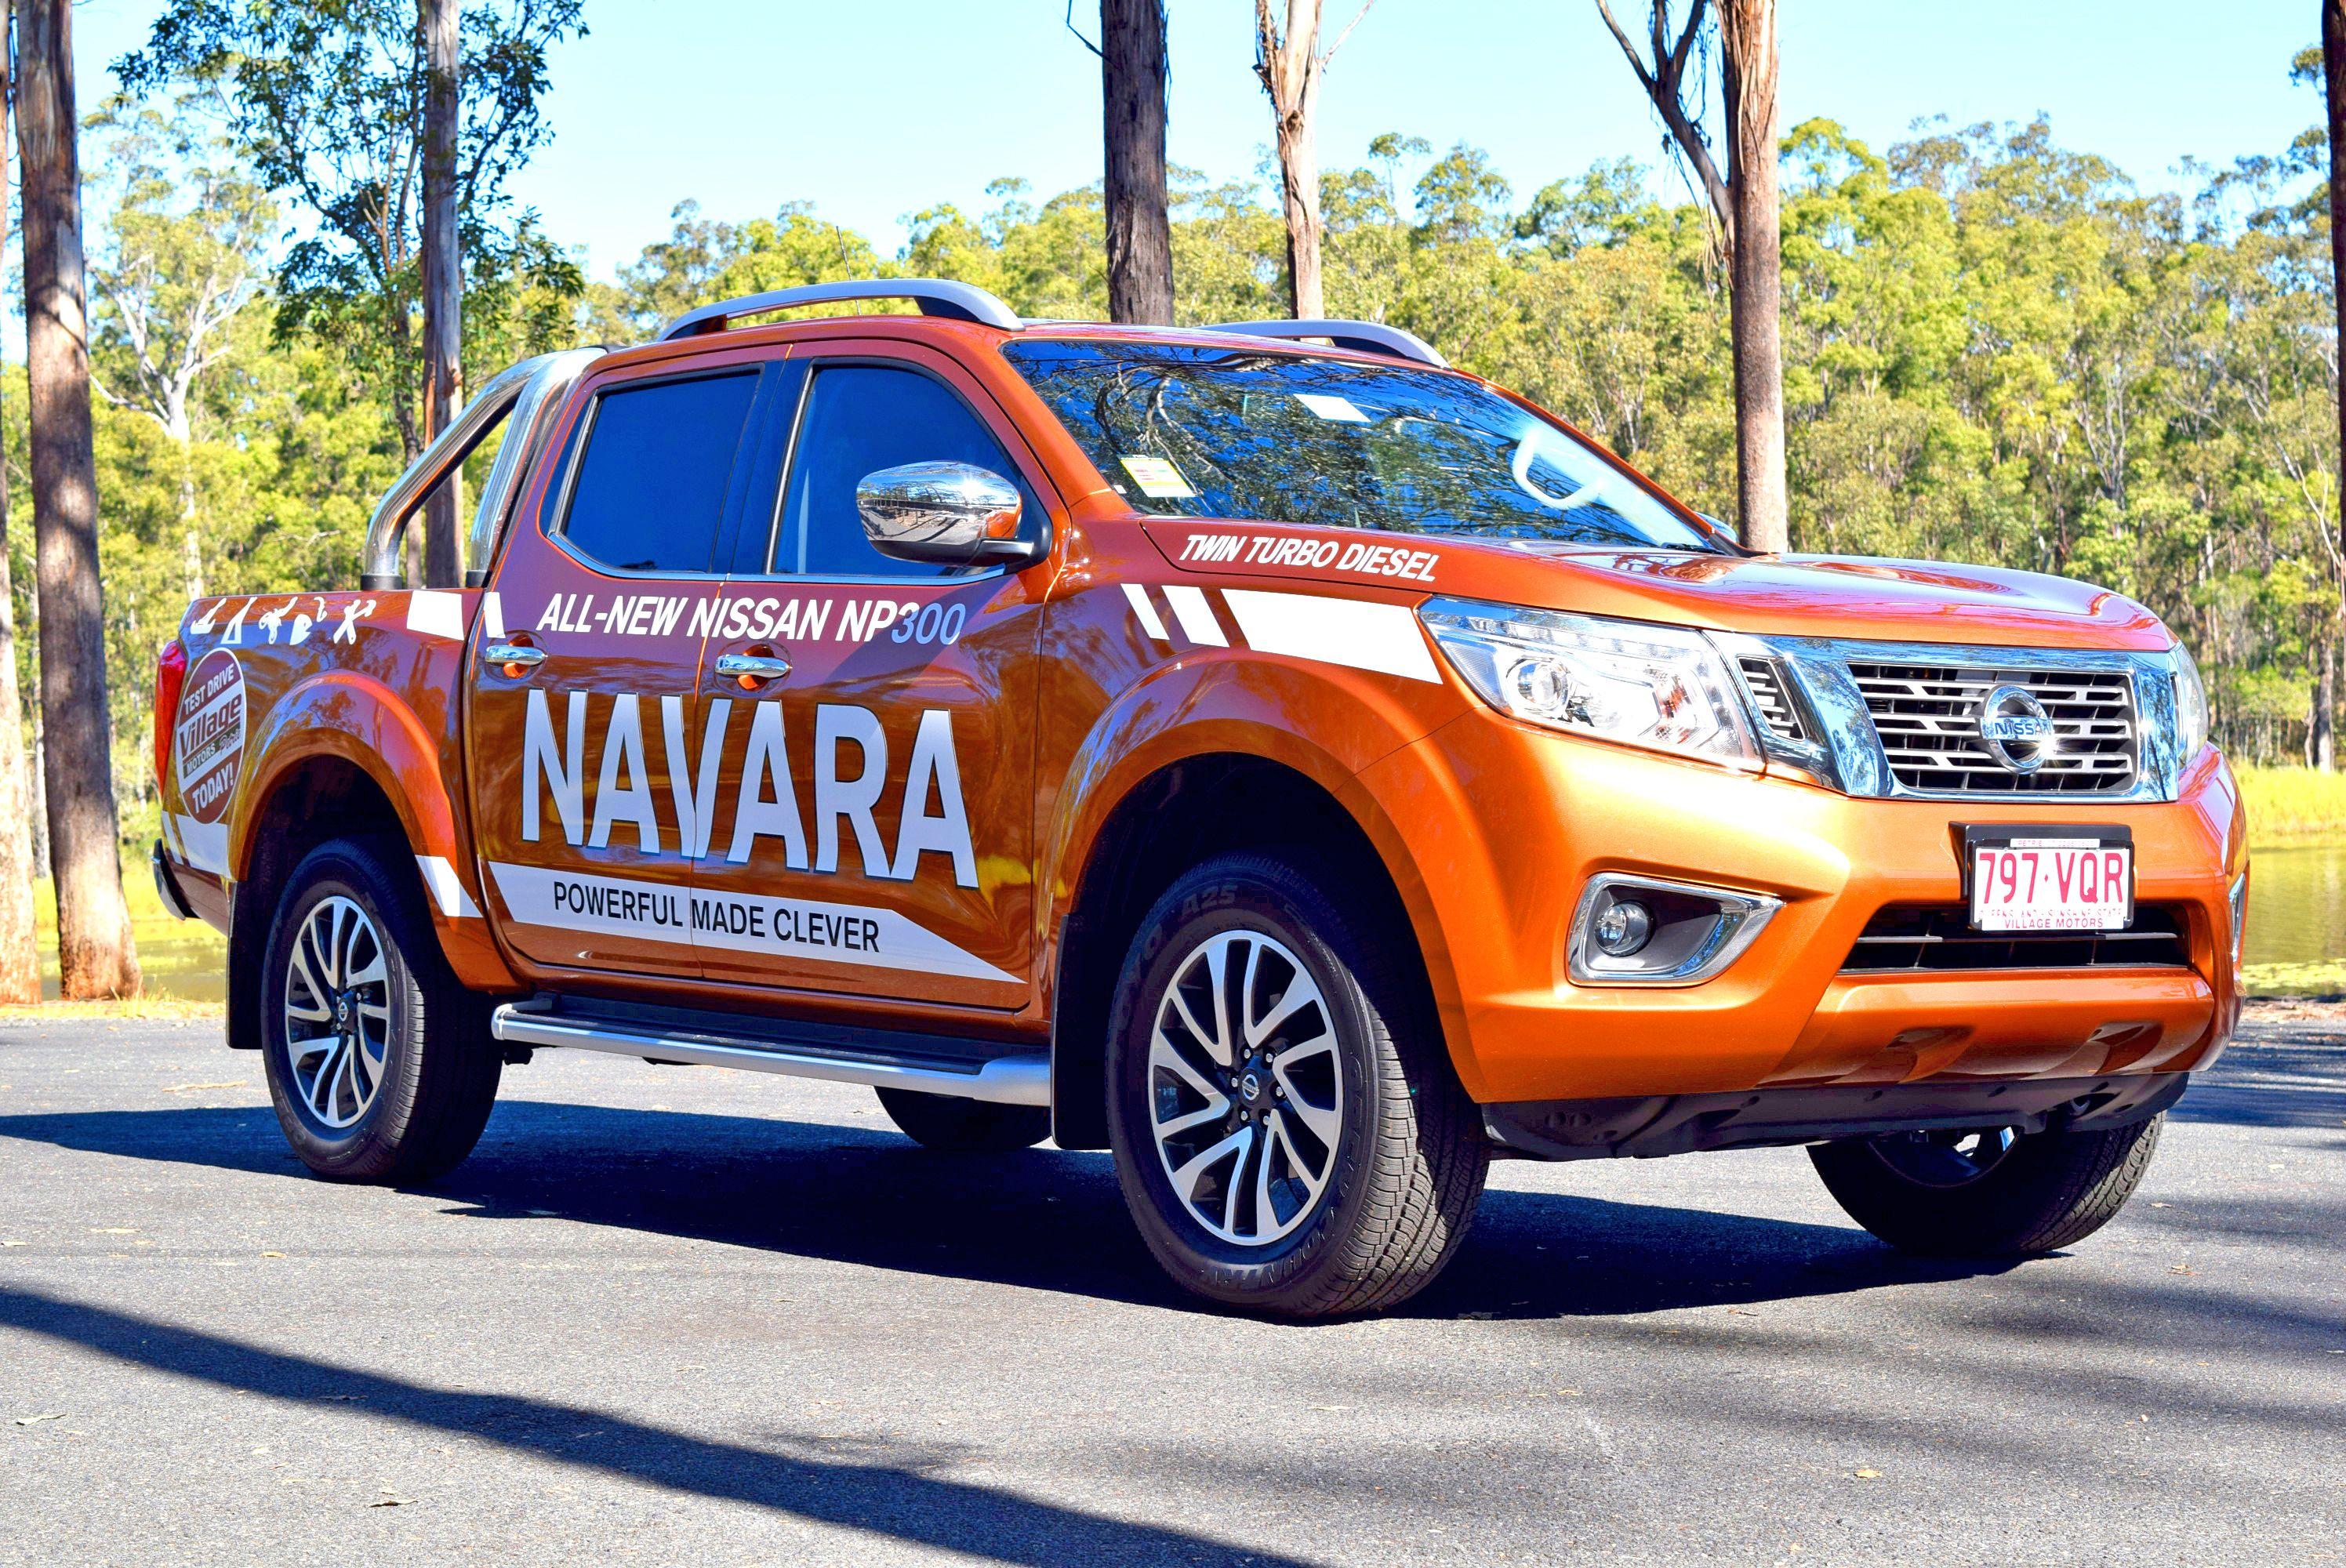 New Nissan NP300 Navara www